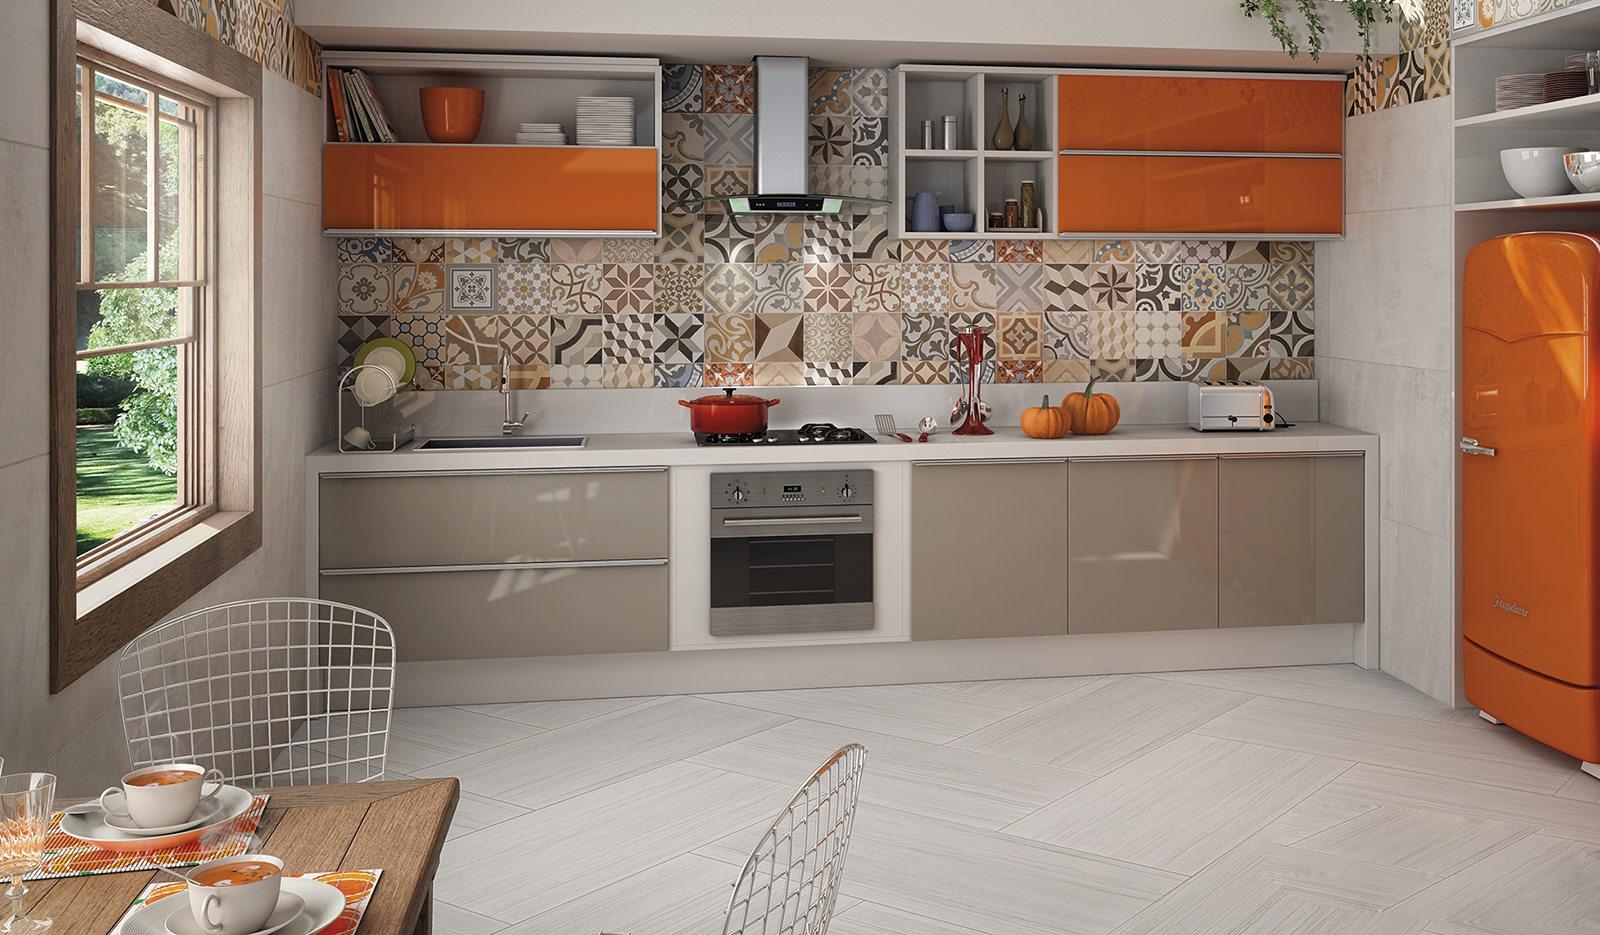 Новости PRO Ремонт - Уют в вашем доме - 5 идей для кухни